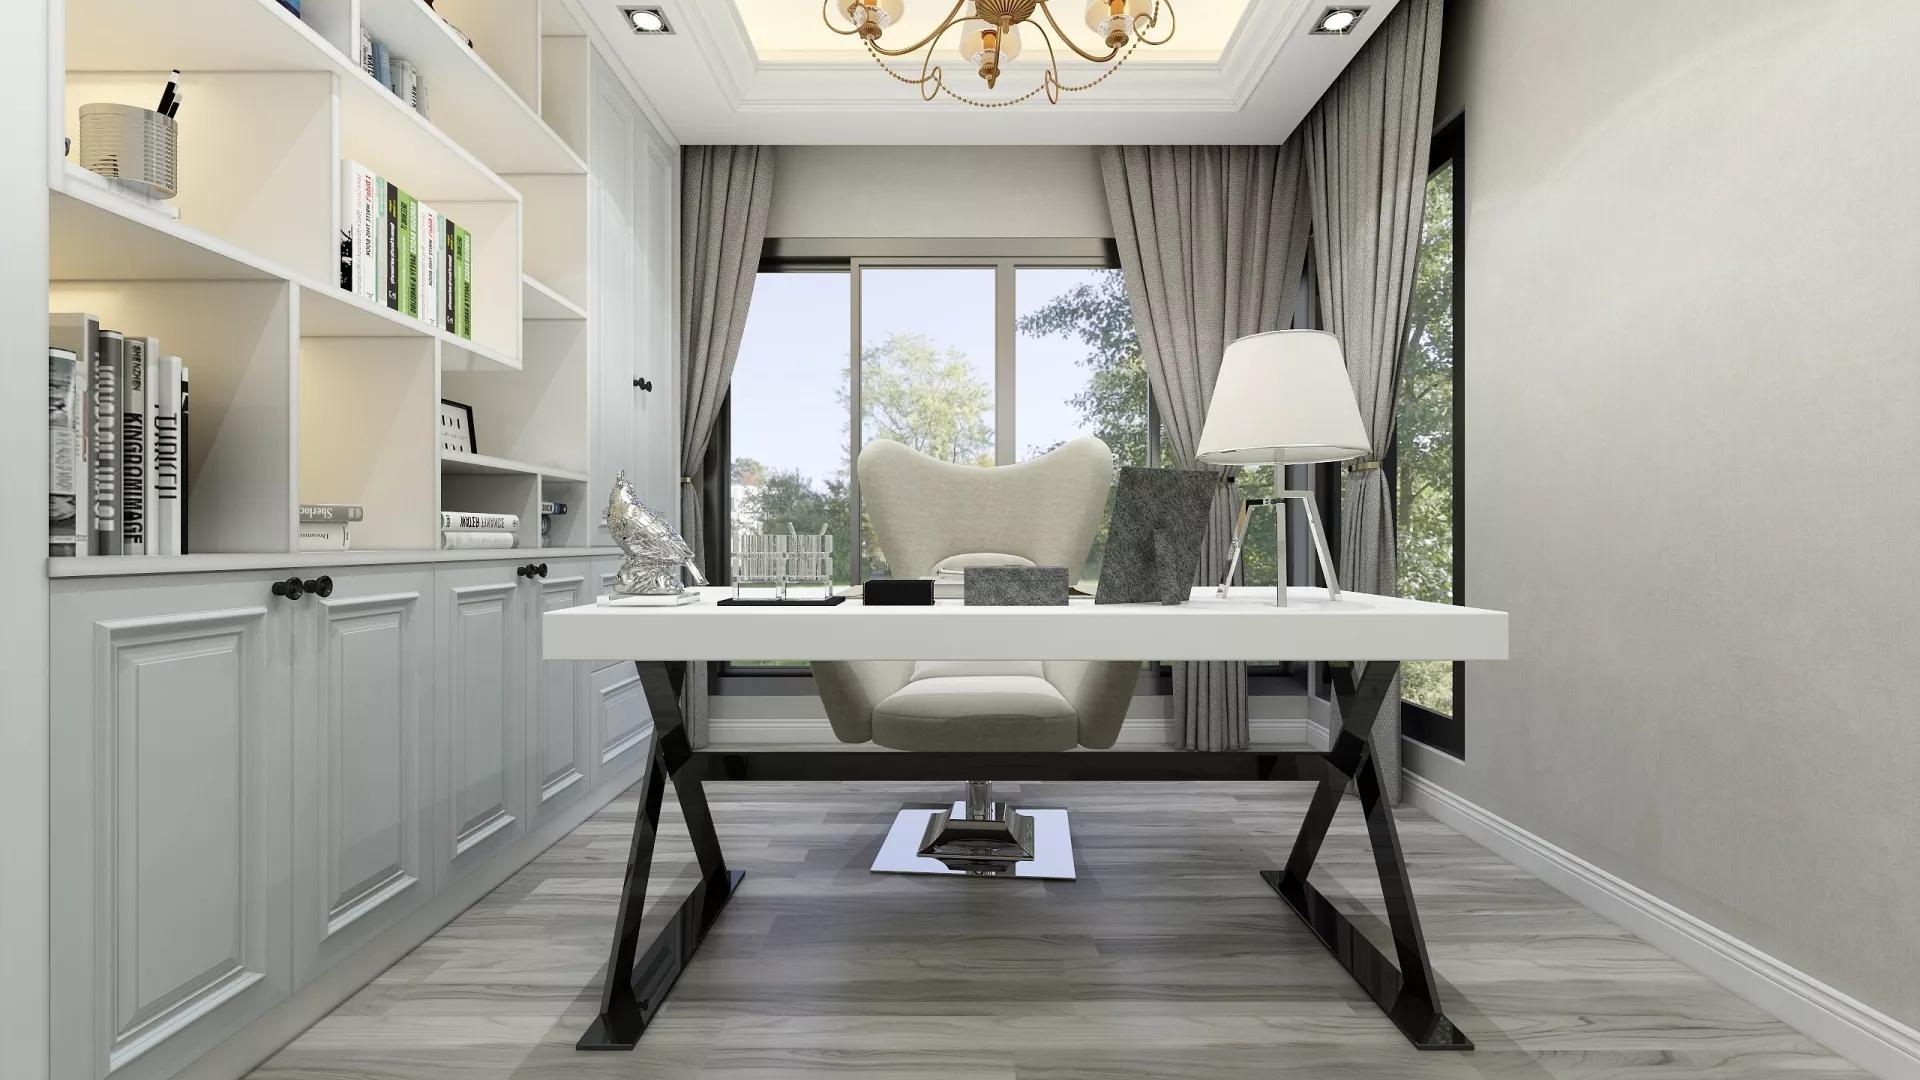 客厅瓷砖选什么颜色好 客厅瓷砖用什么颜色好